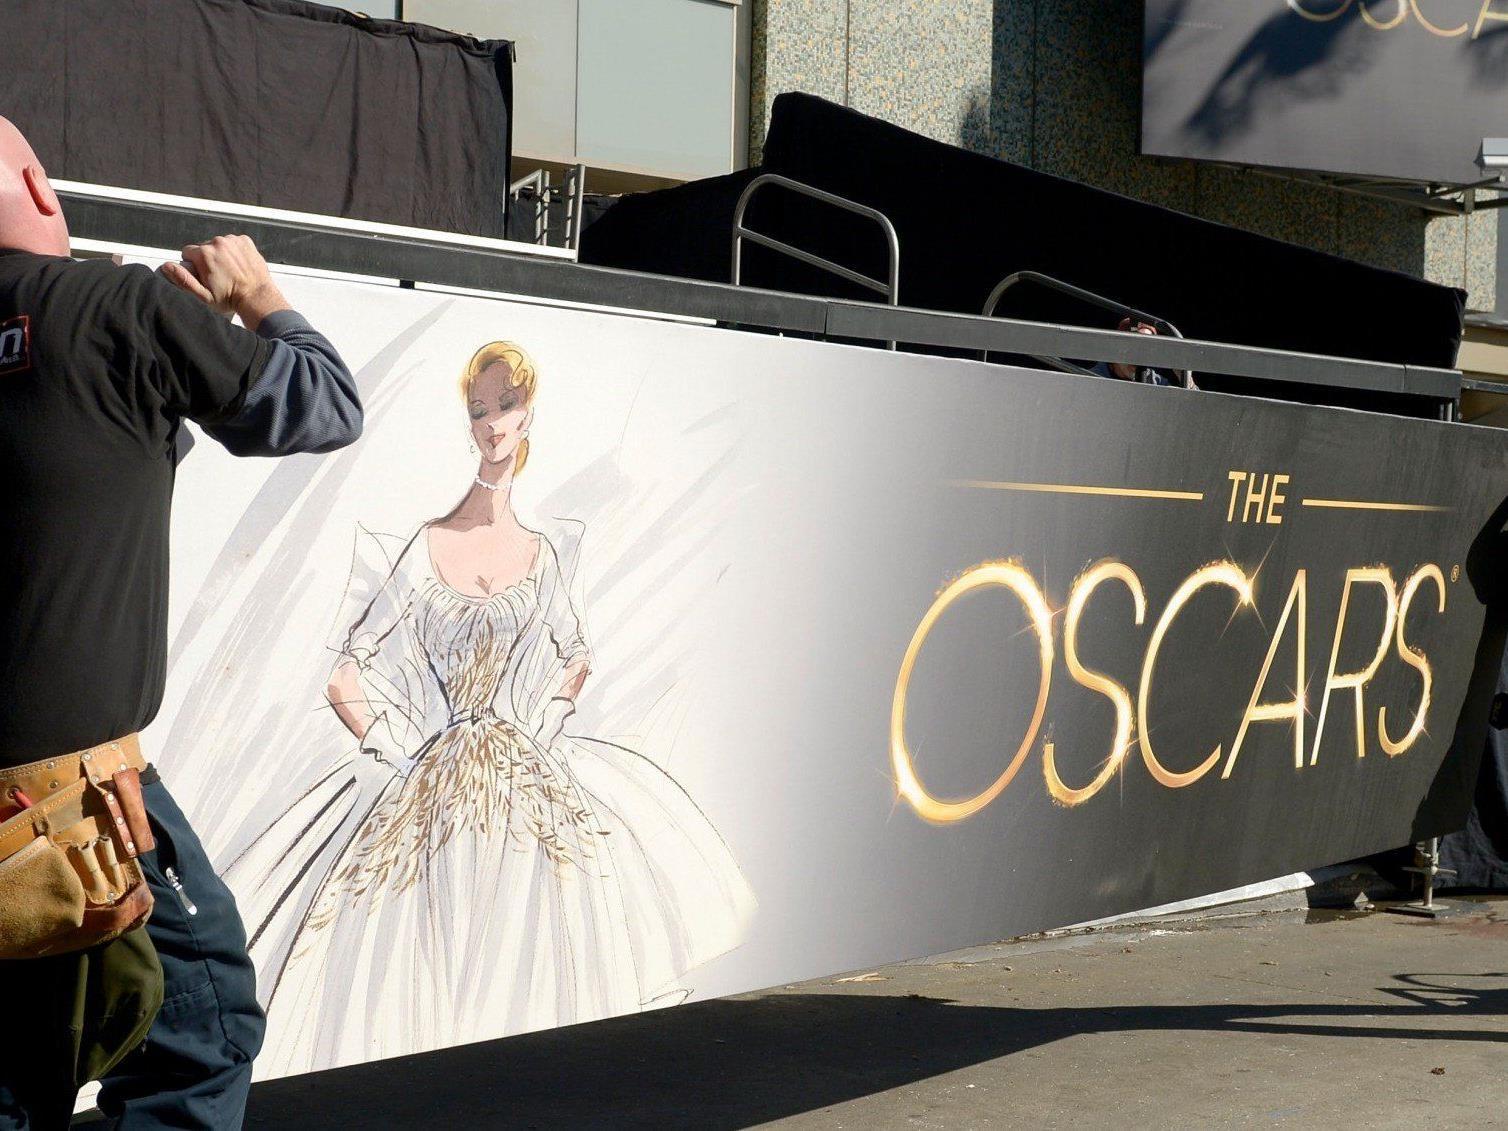 Im Rennen um die Oscars 2013 konnten sich bisher noch keine Favoriten rauskristalisieren.